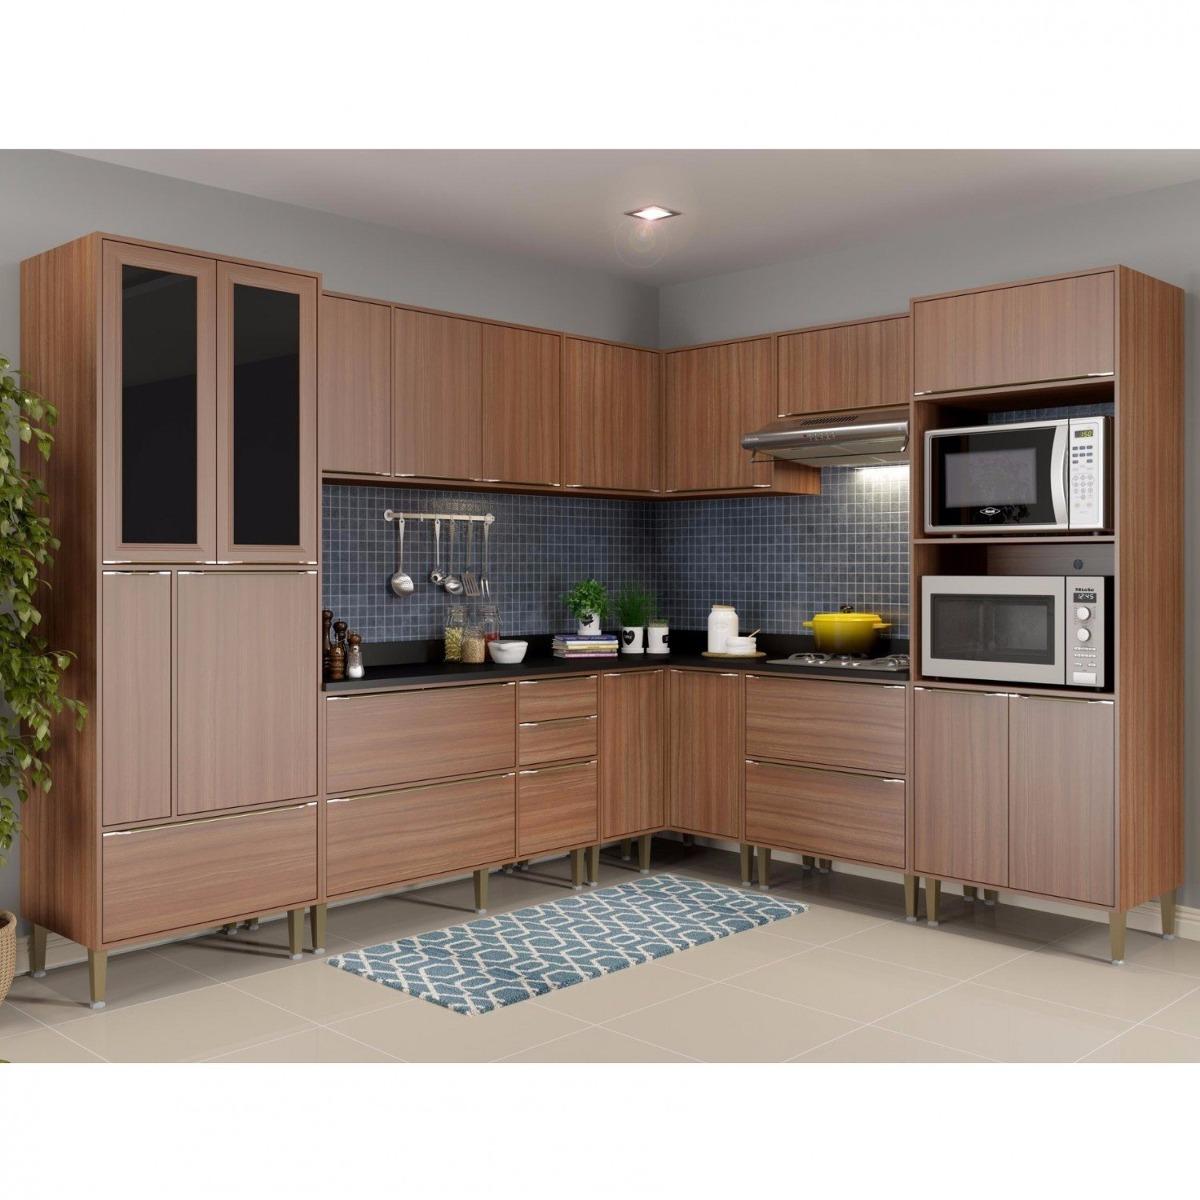 Cozinha Completa 9 M Dulos Cal Bria Multim Veis Cewt R 2 975 90